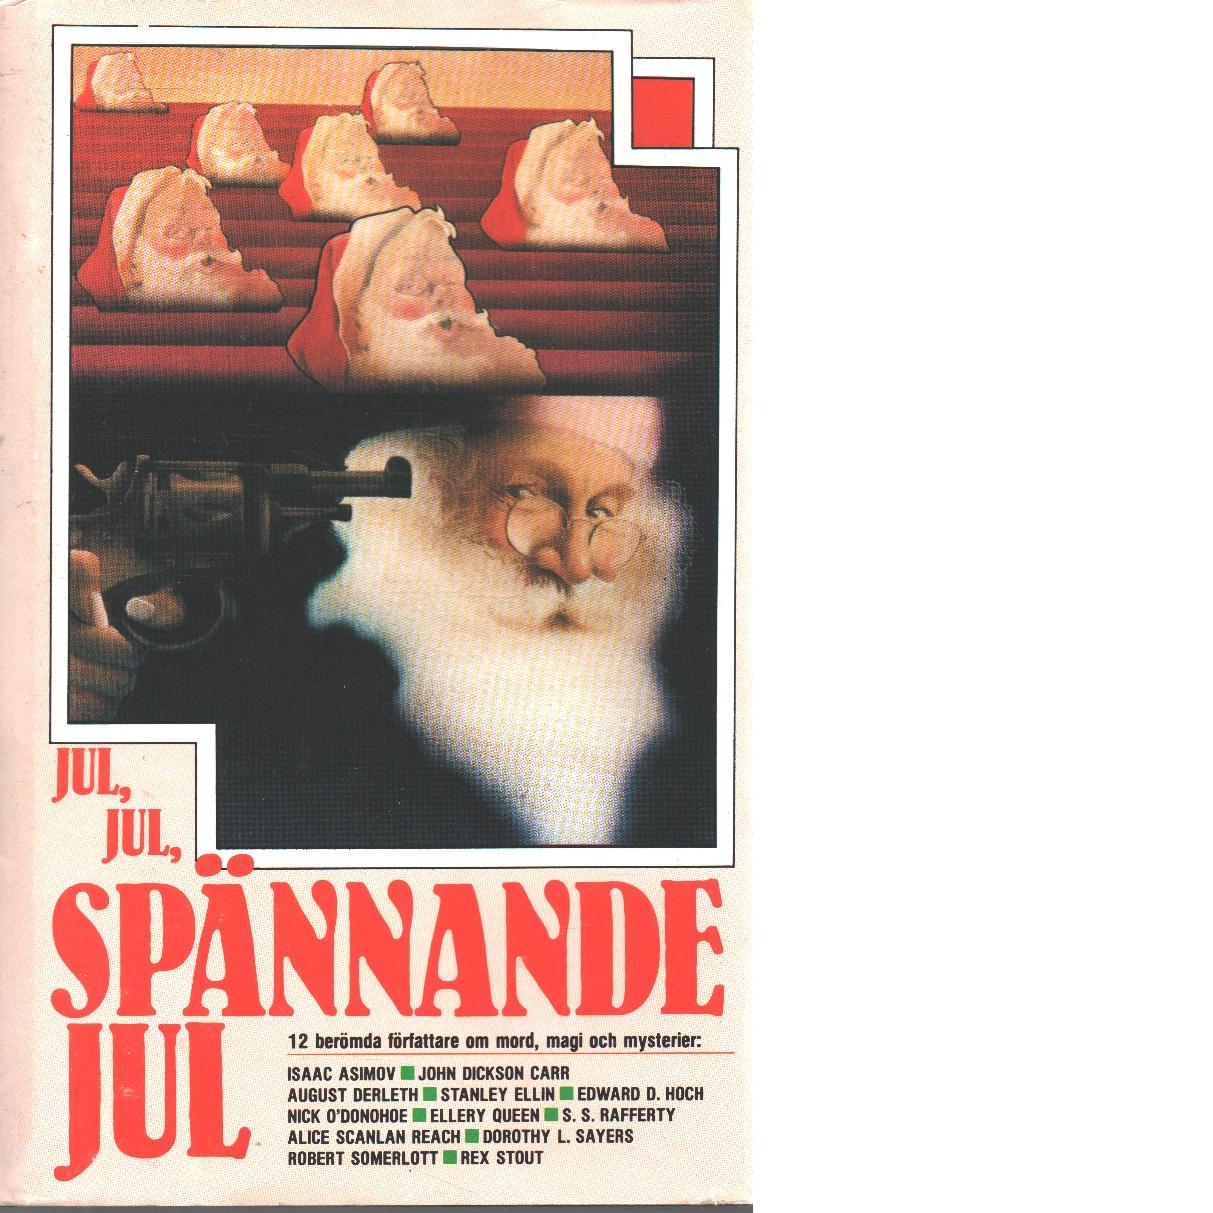 Jul, jul, spännande jul : en novellsamling : [12 berömda författare om mord, magi och mysterier - Red.